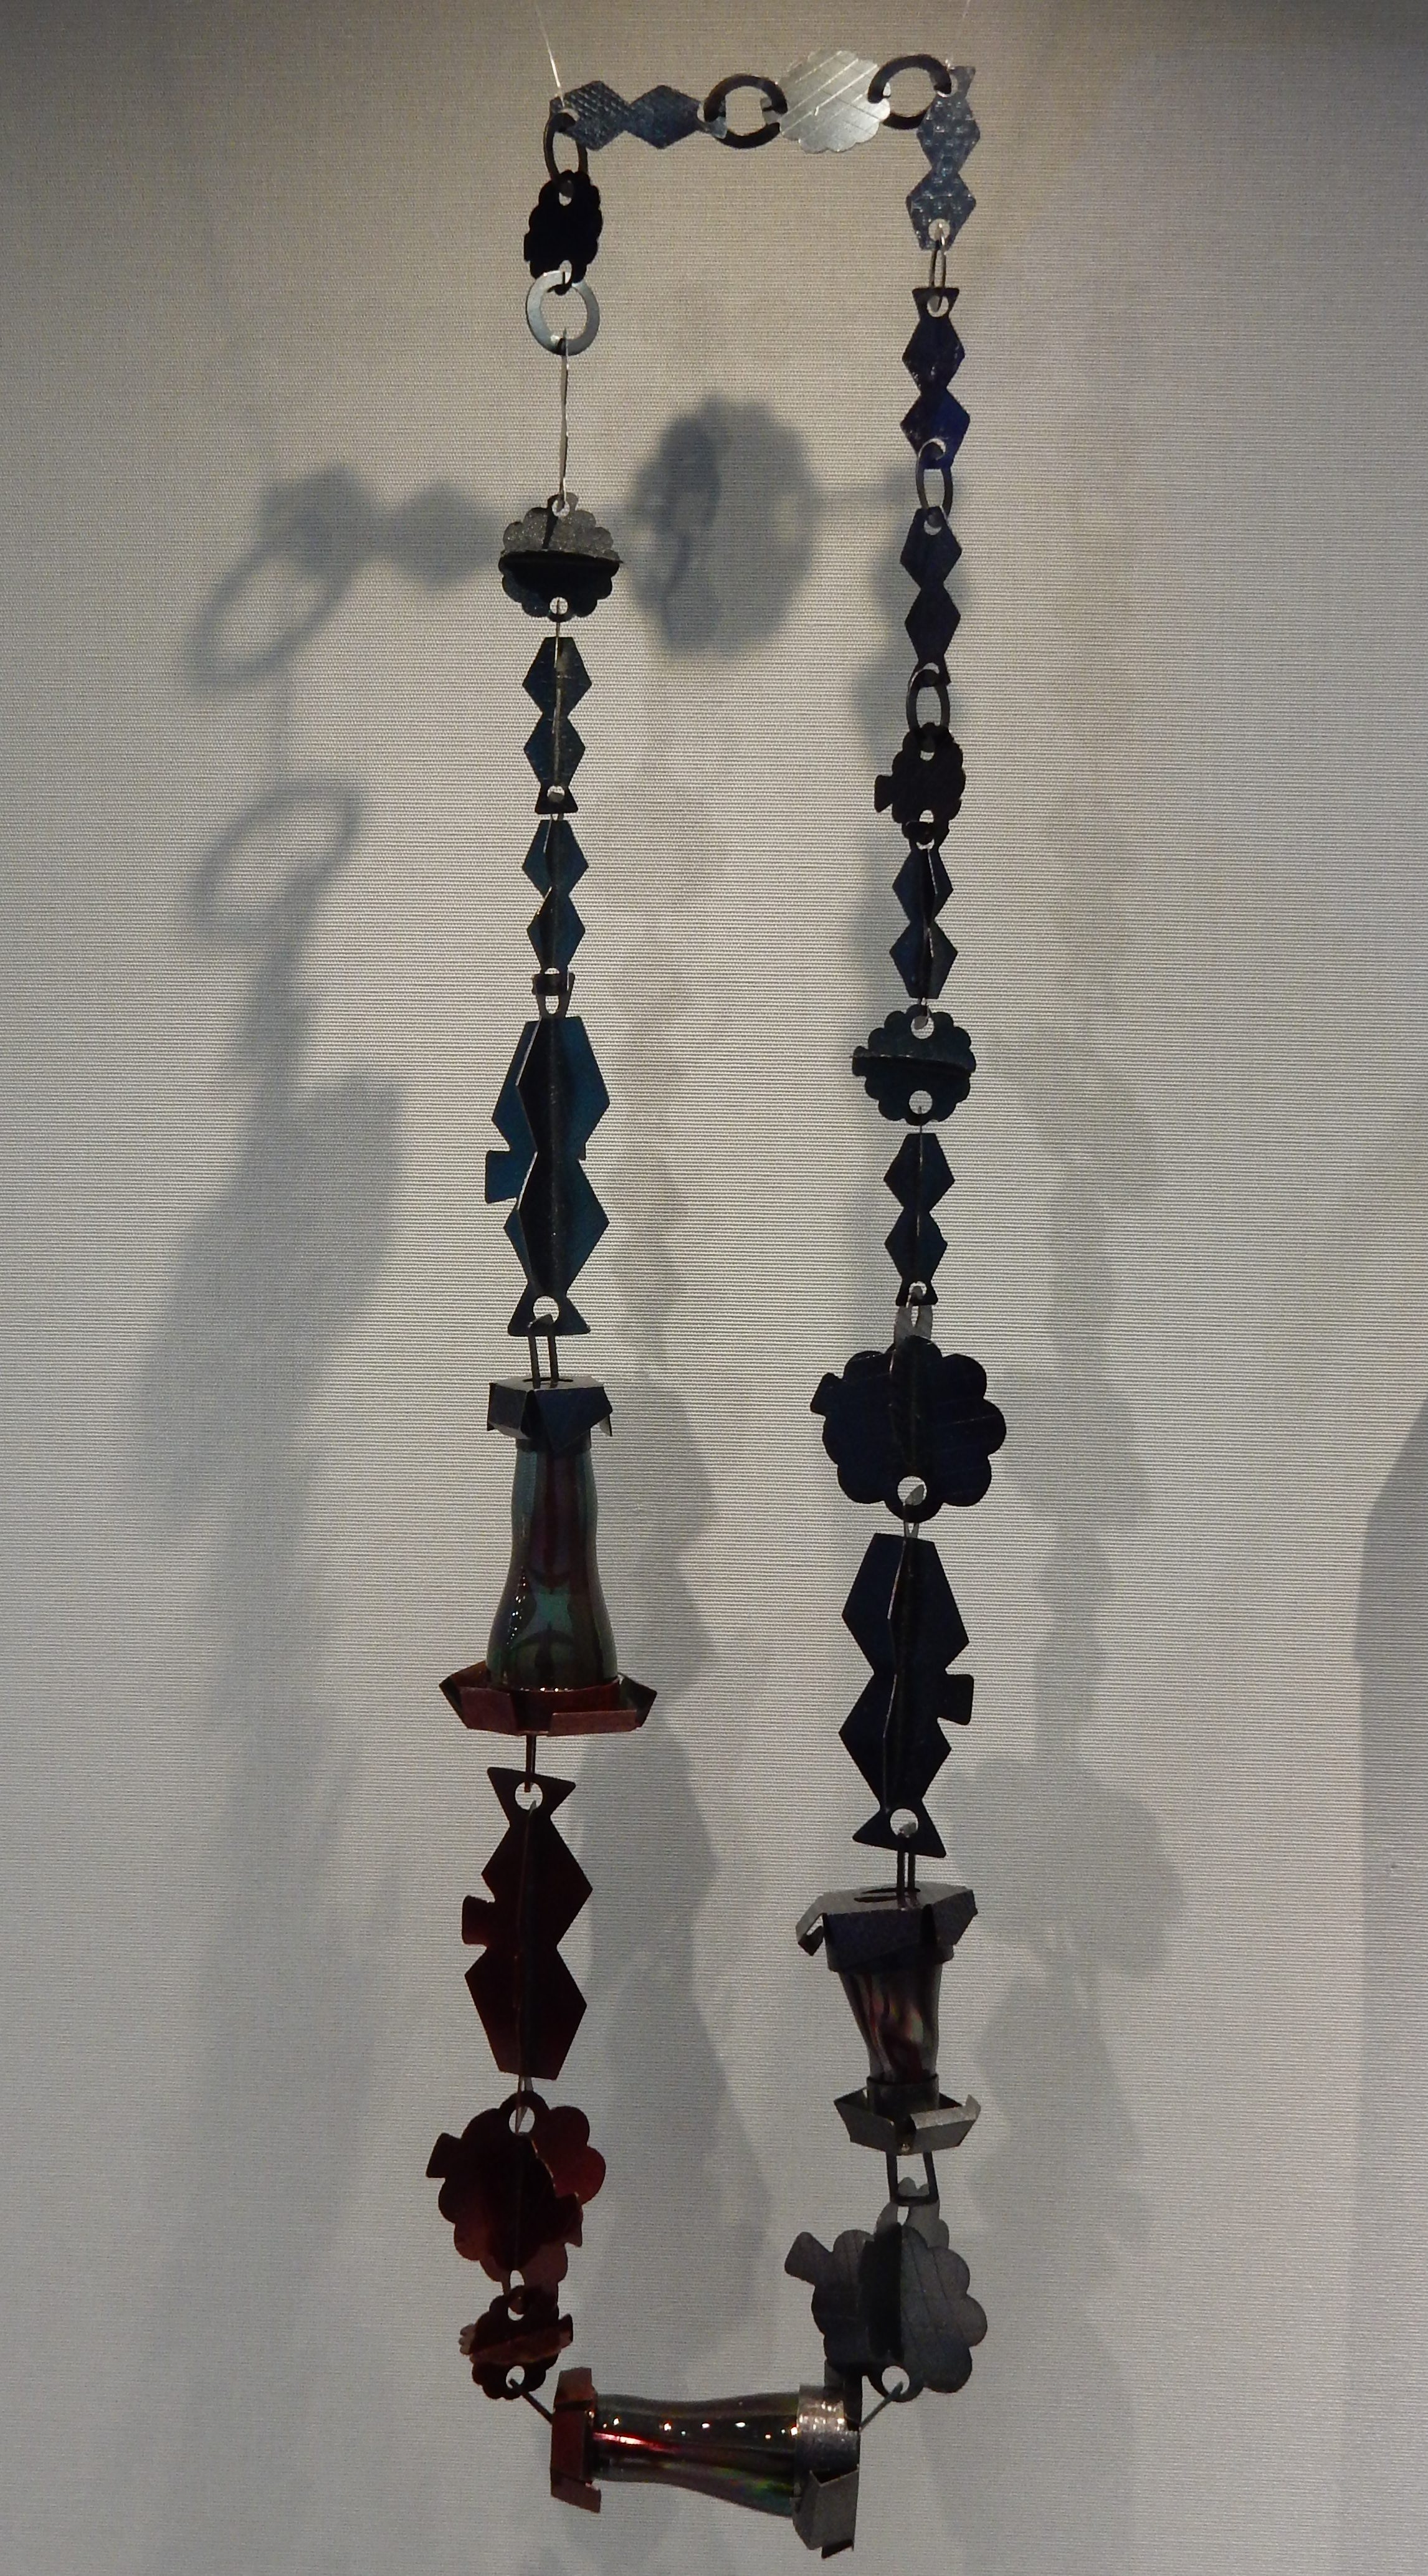 Helen Britton, Redblue, halssieraad, 2009. Schmuckmuseum Pforzheim, september 2018. Foto met dank aan Coert Peter Krabbe, CC BY 4.0